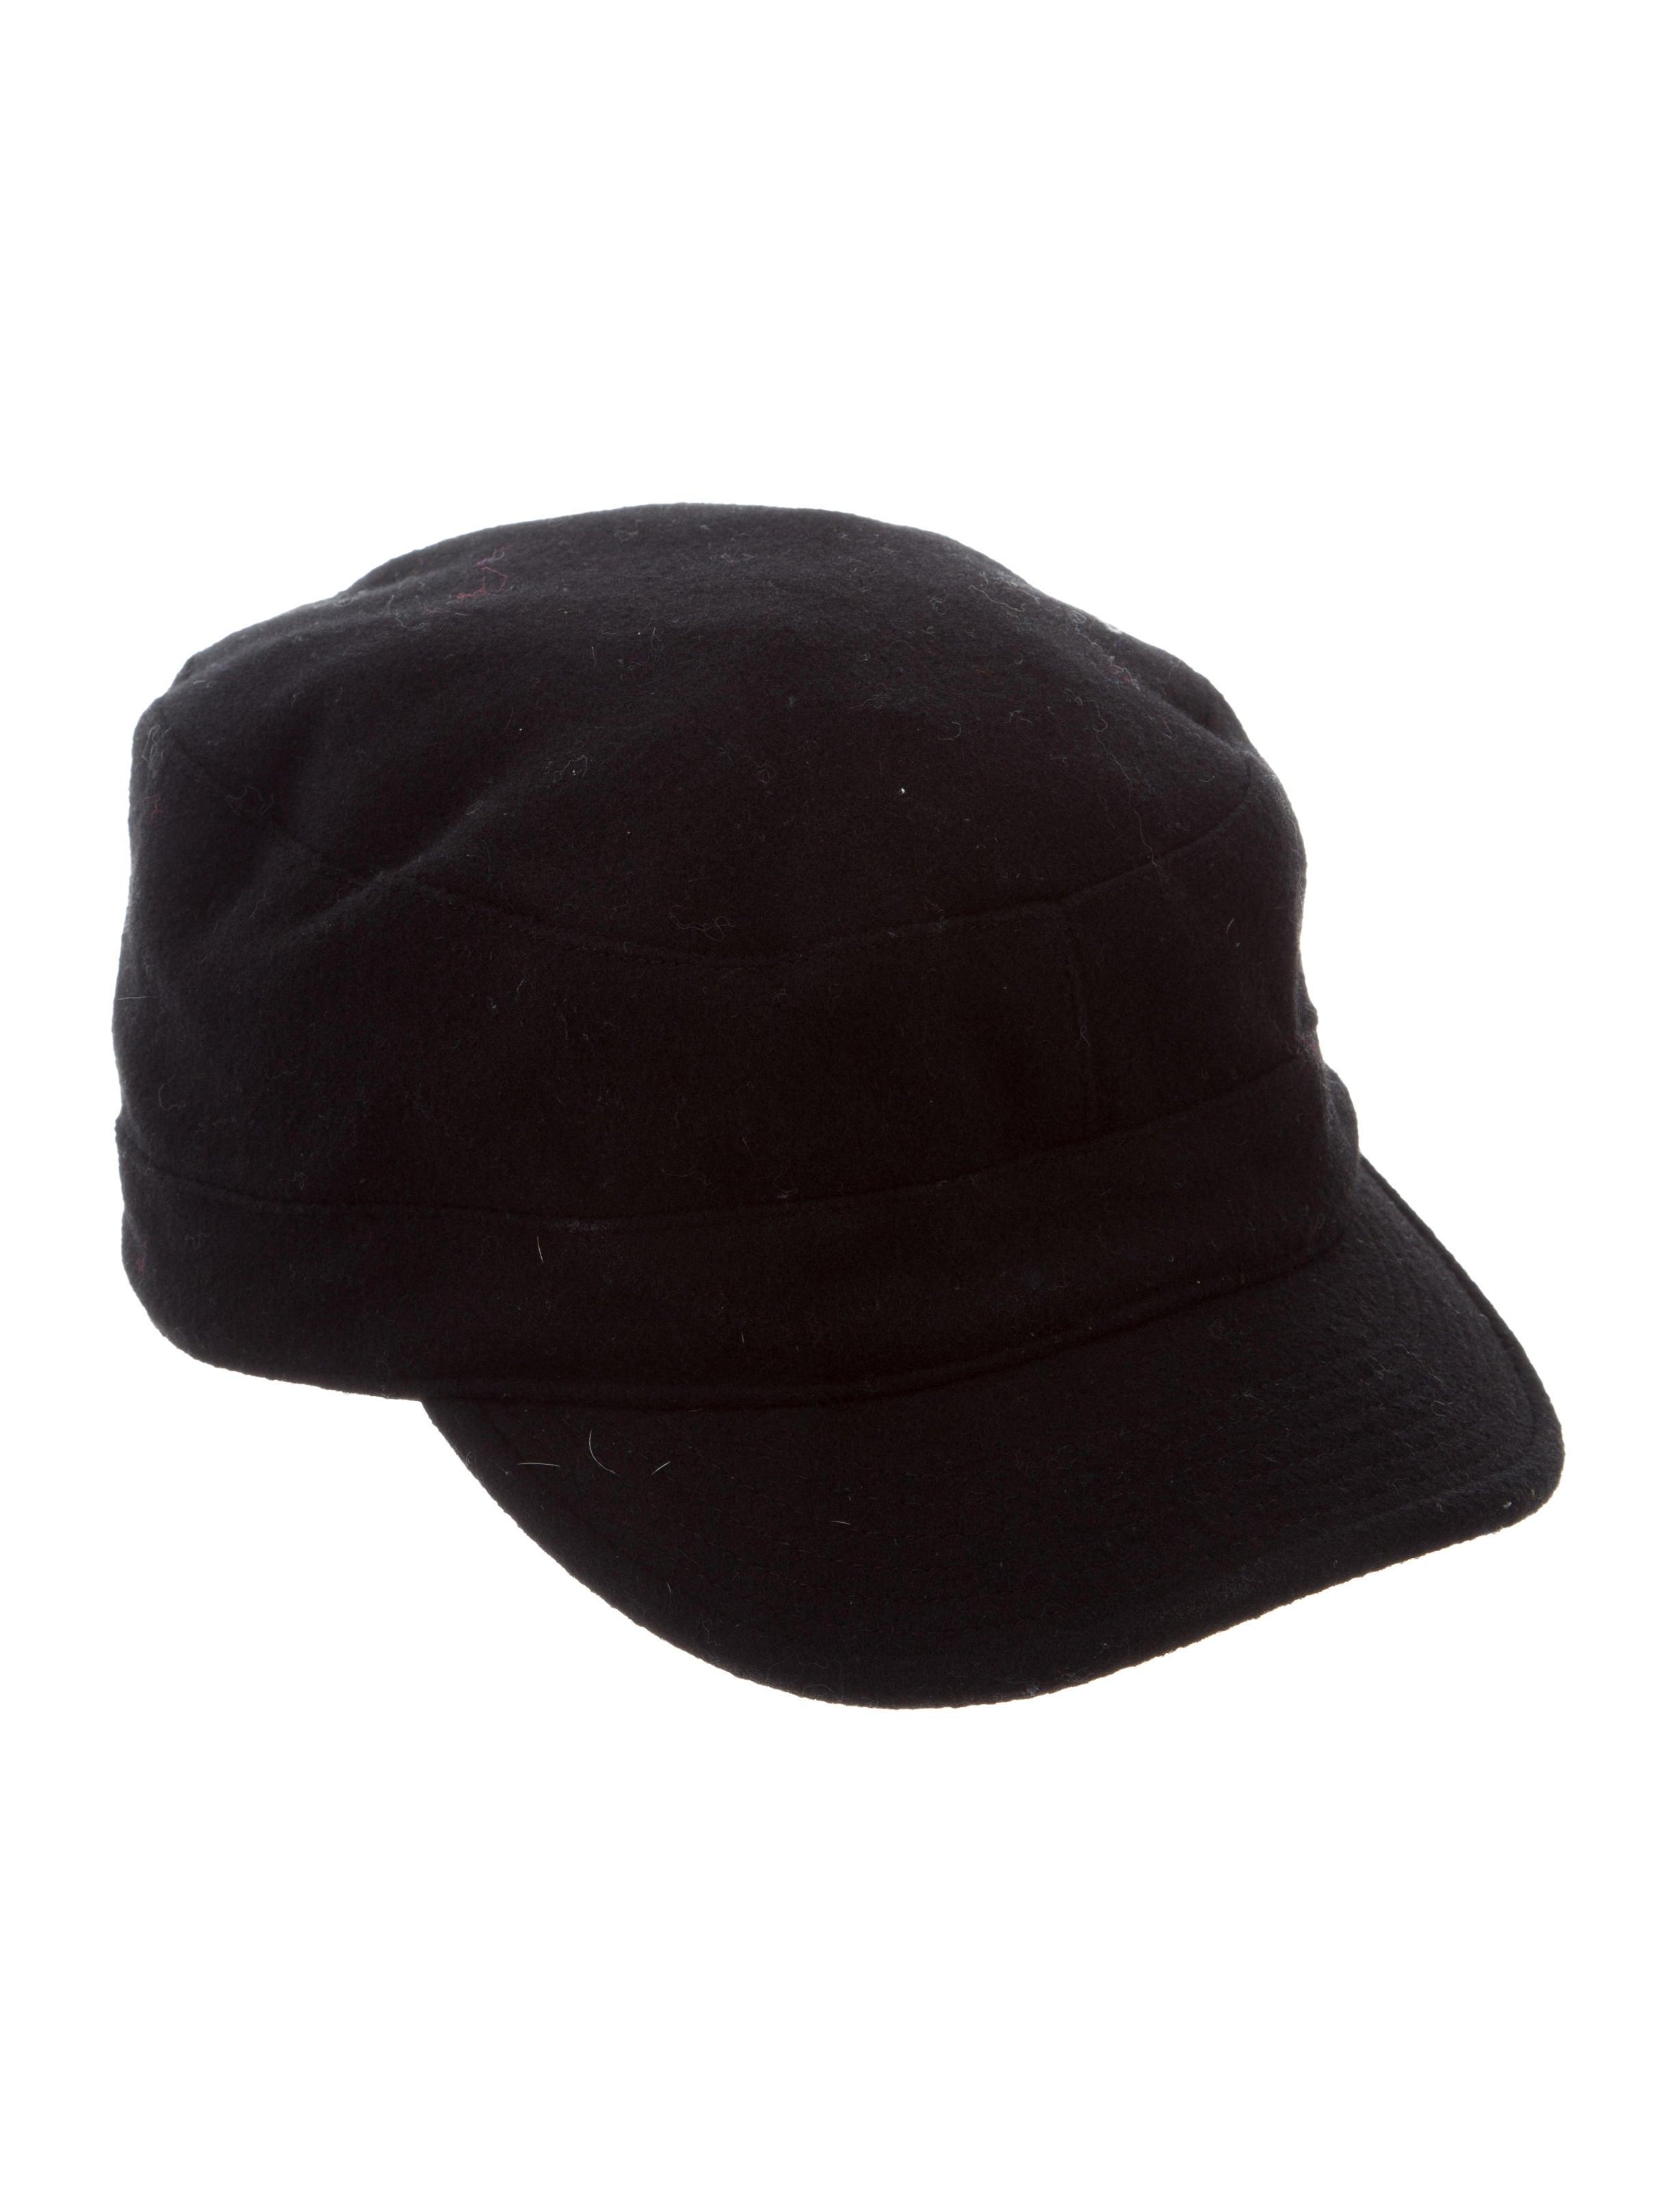 Y-3 x Adidas Wool Newsboy Hat - Accessories - WY3AD21015  0c25fb84342